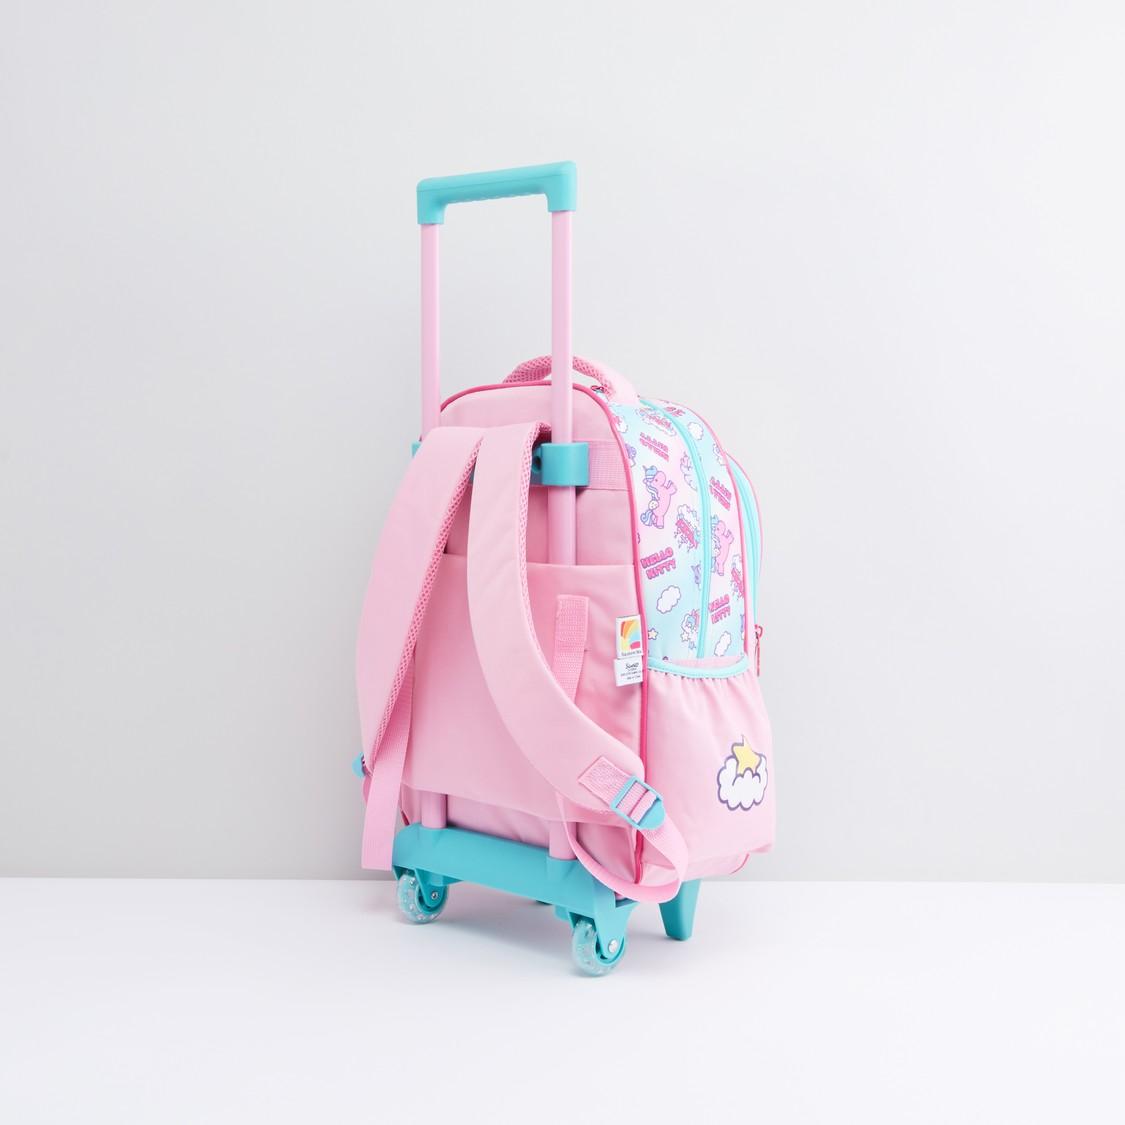 حقيبة ظهر بعجلات مع مقبض قابل للسحب وطبعات هالو كيتي